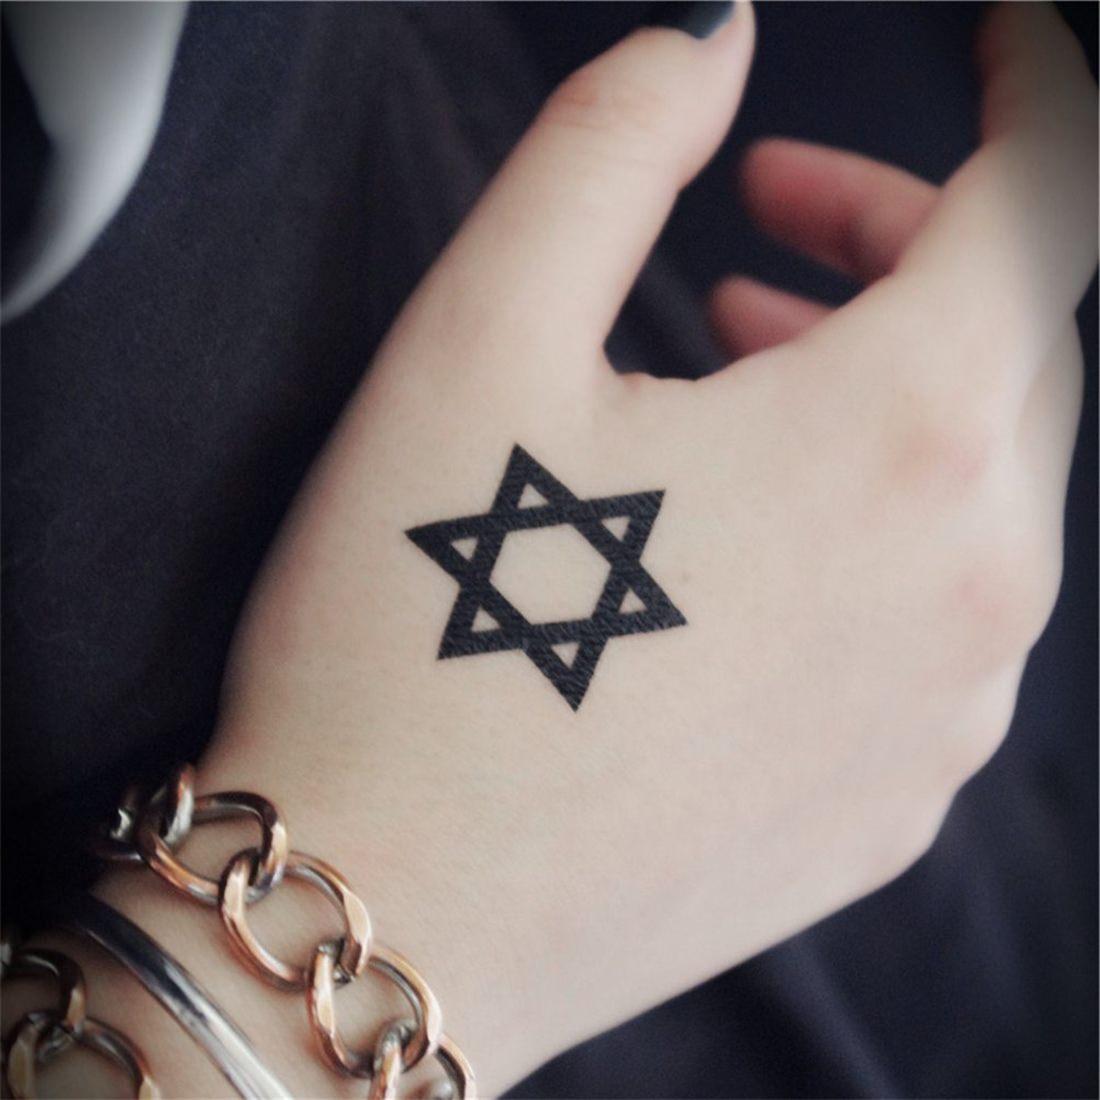 Tatuagem simplista da estrela de Davi